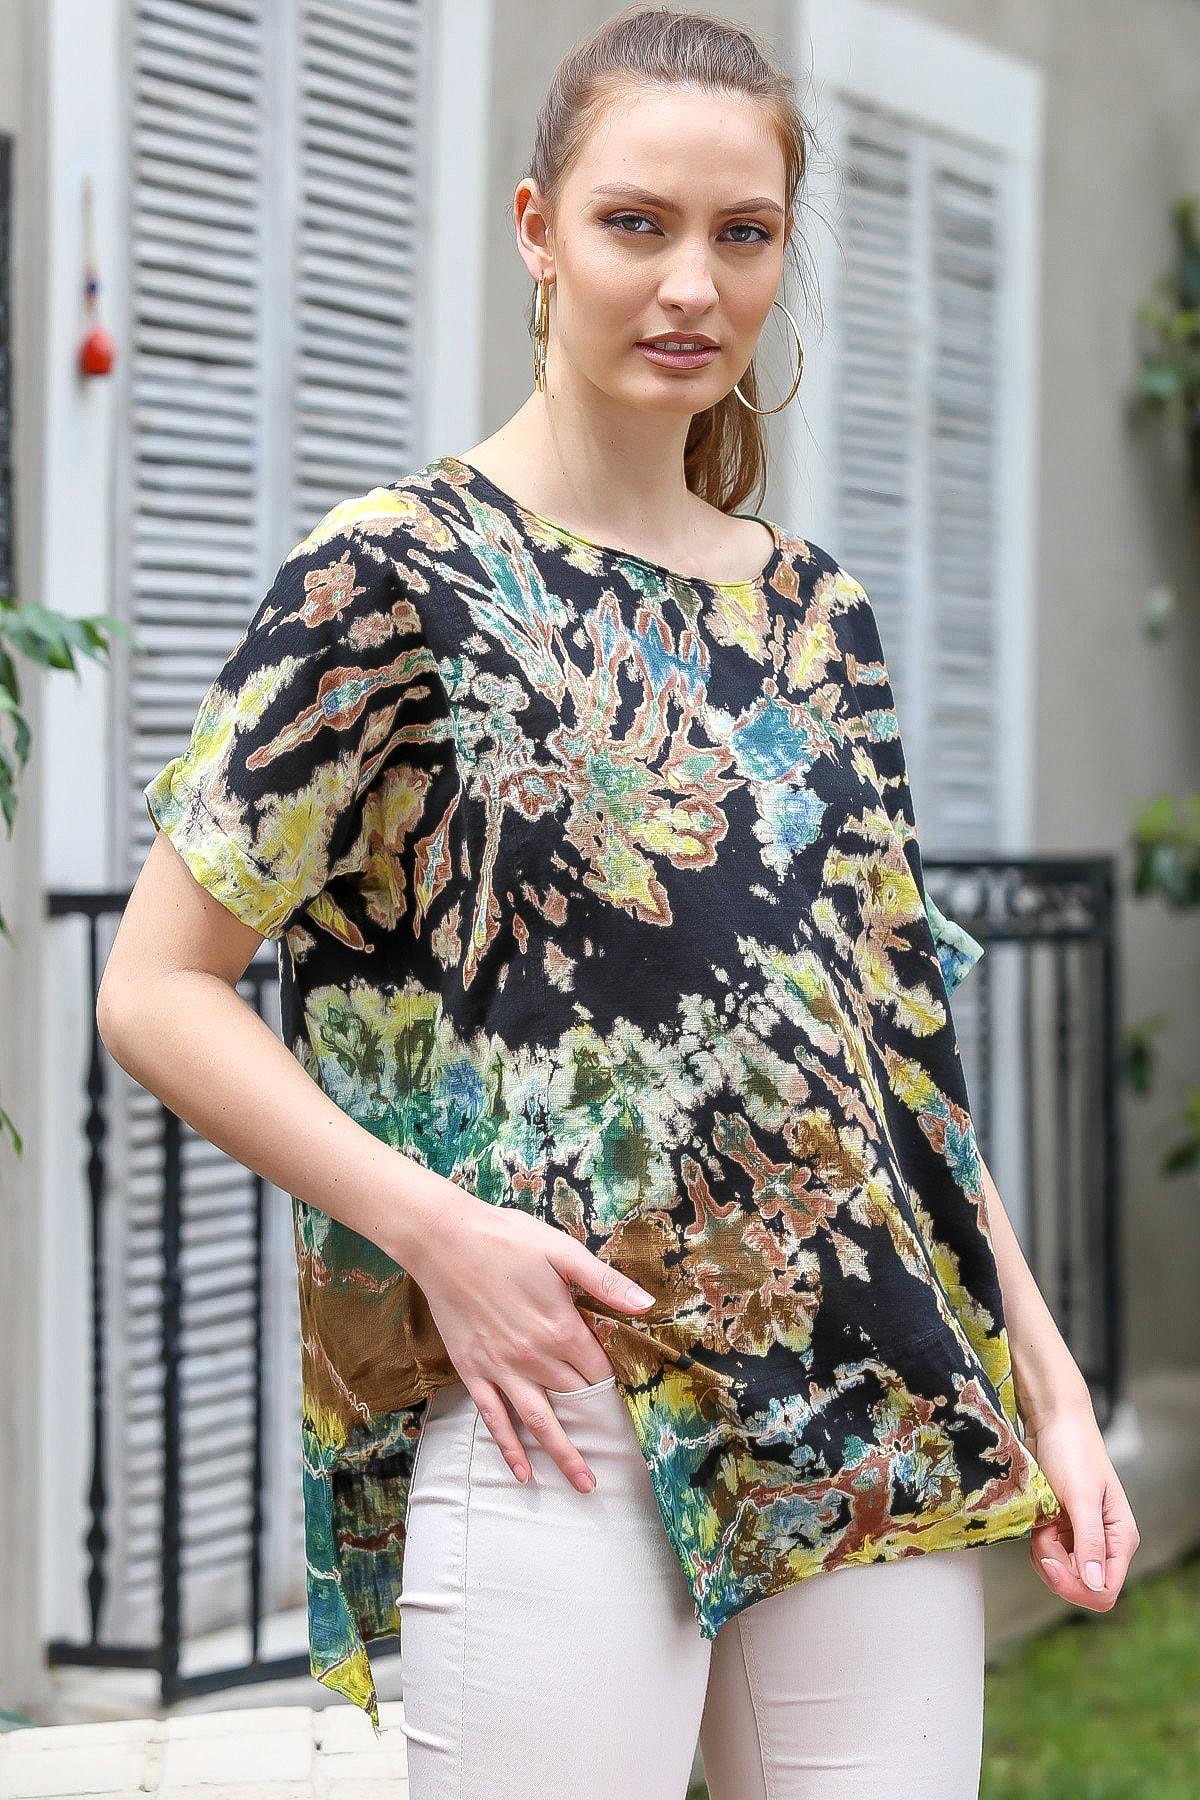 Chiccy Kadın Siyah-Bej Sıfır Yaka Batik Desenli Dokuma Salaş Bluz M10010200BL95416 2